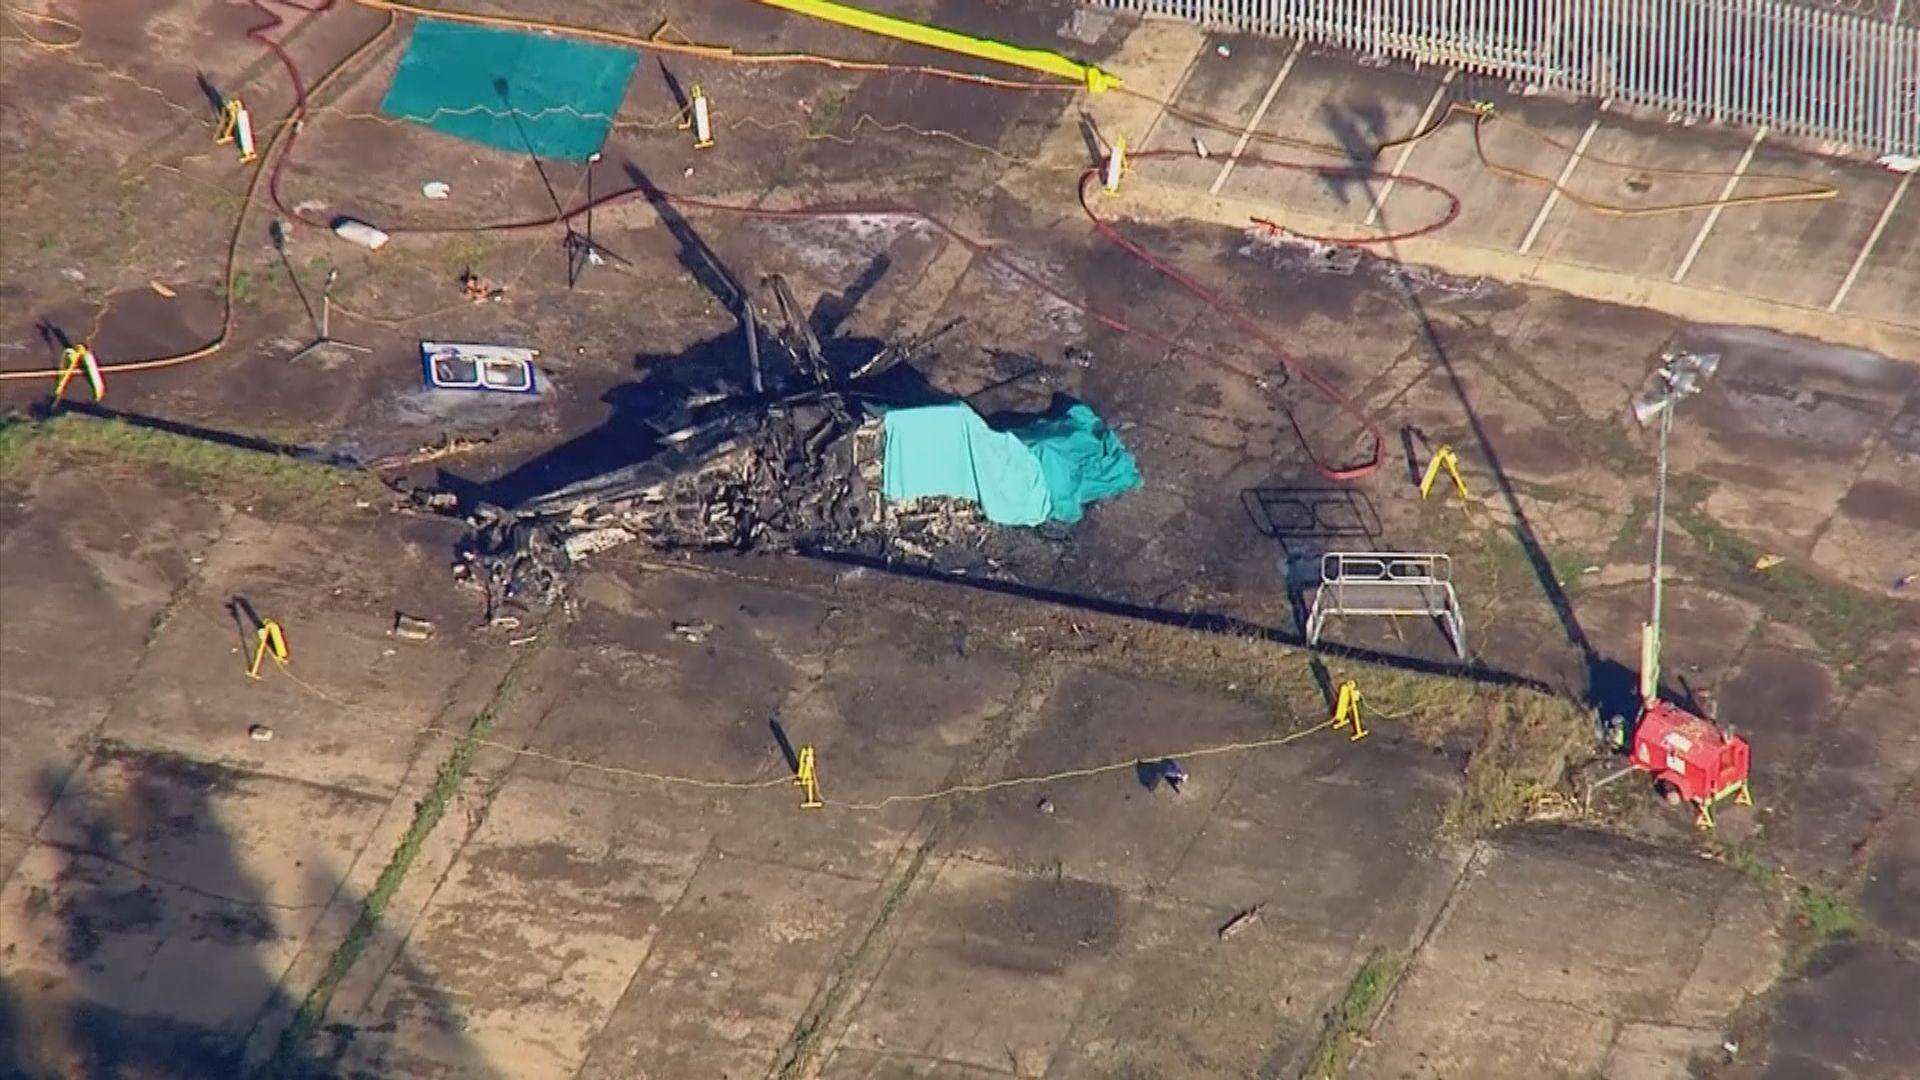 英國續調查王權球場直升機墜毀事件